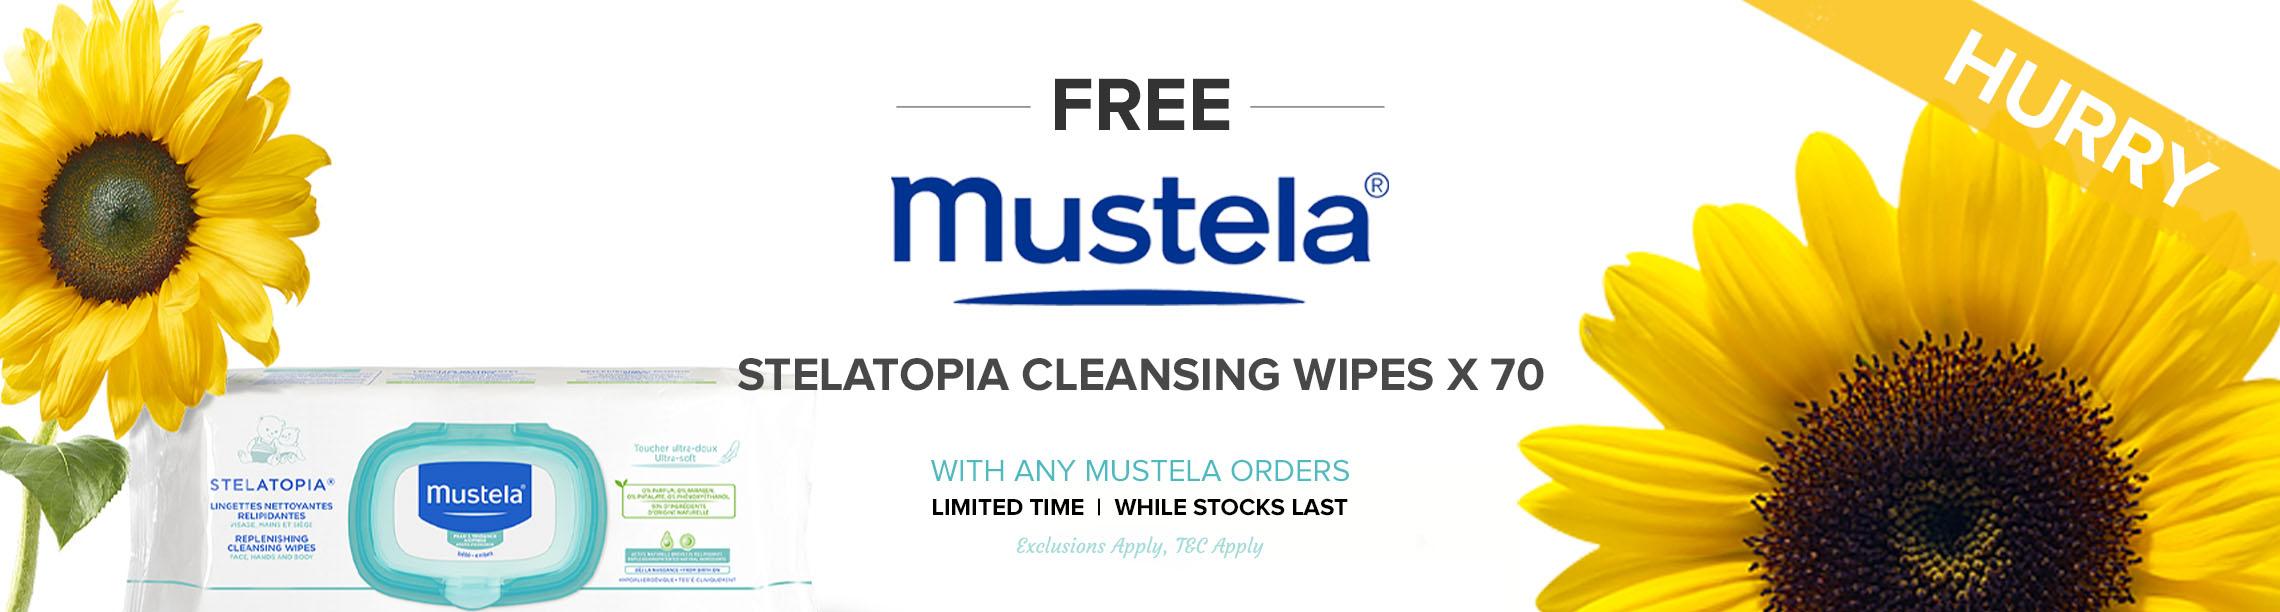 Free Mustela Stelatopia Cleansing Wipes